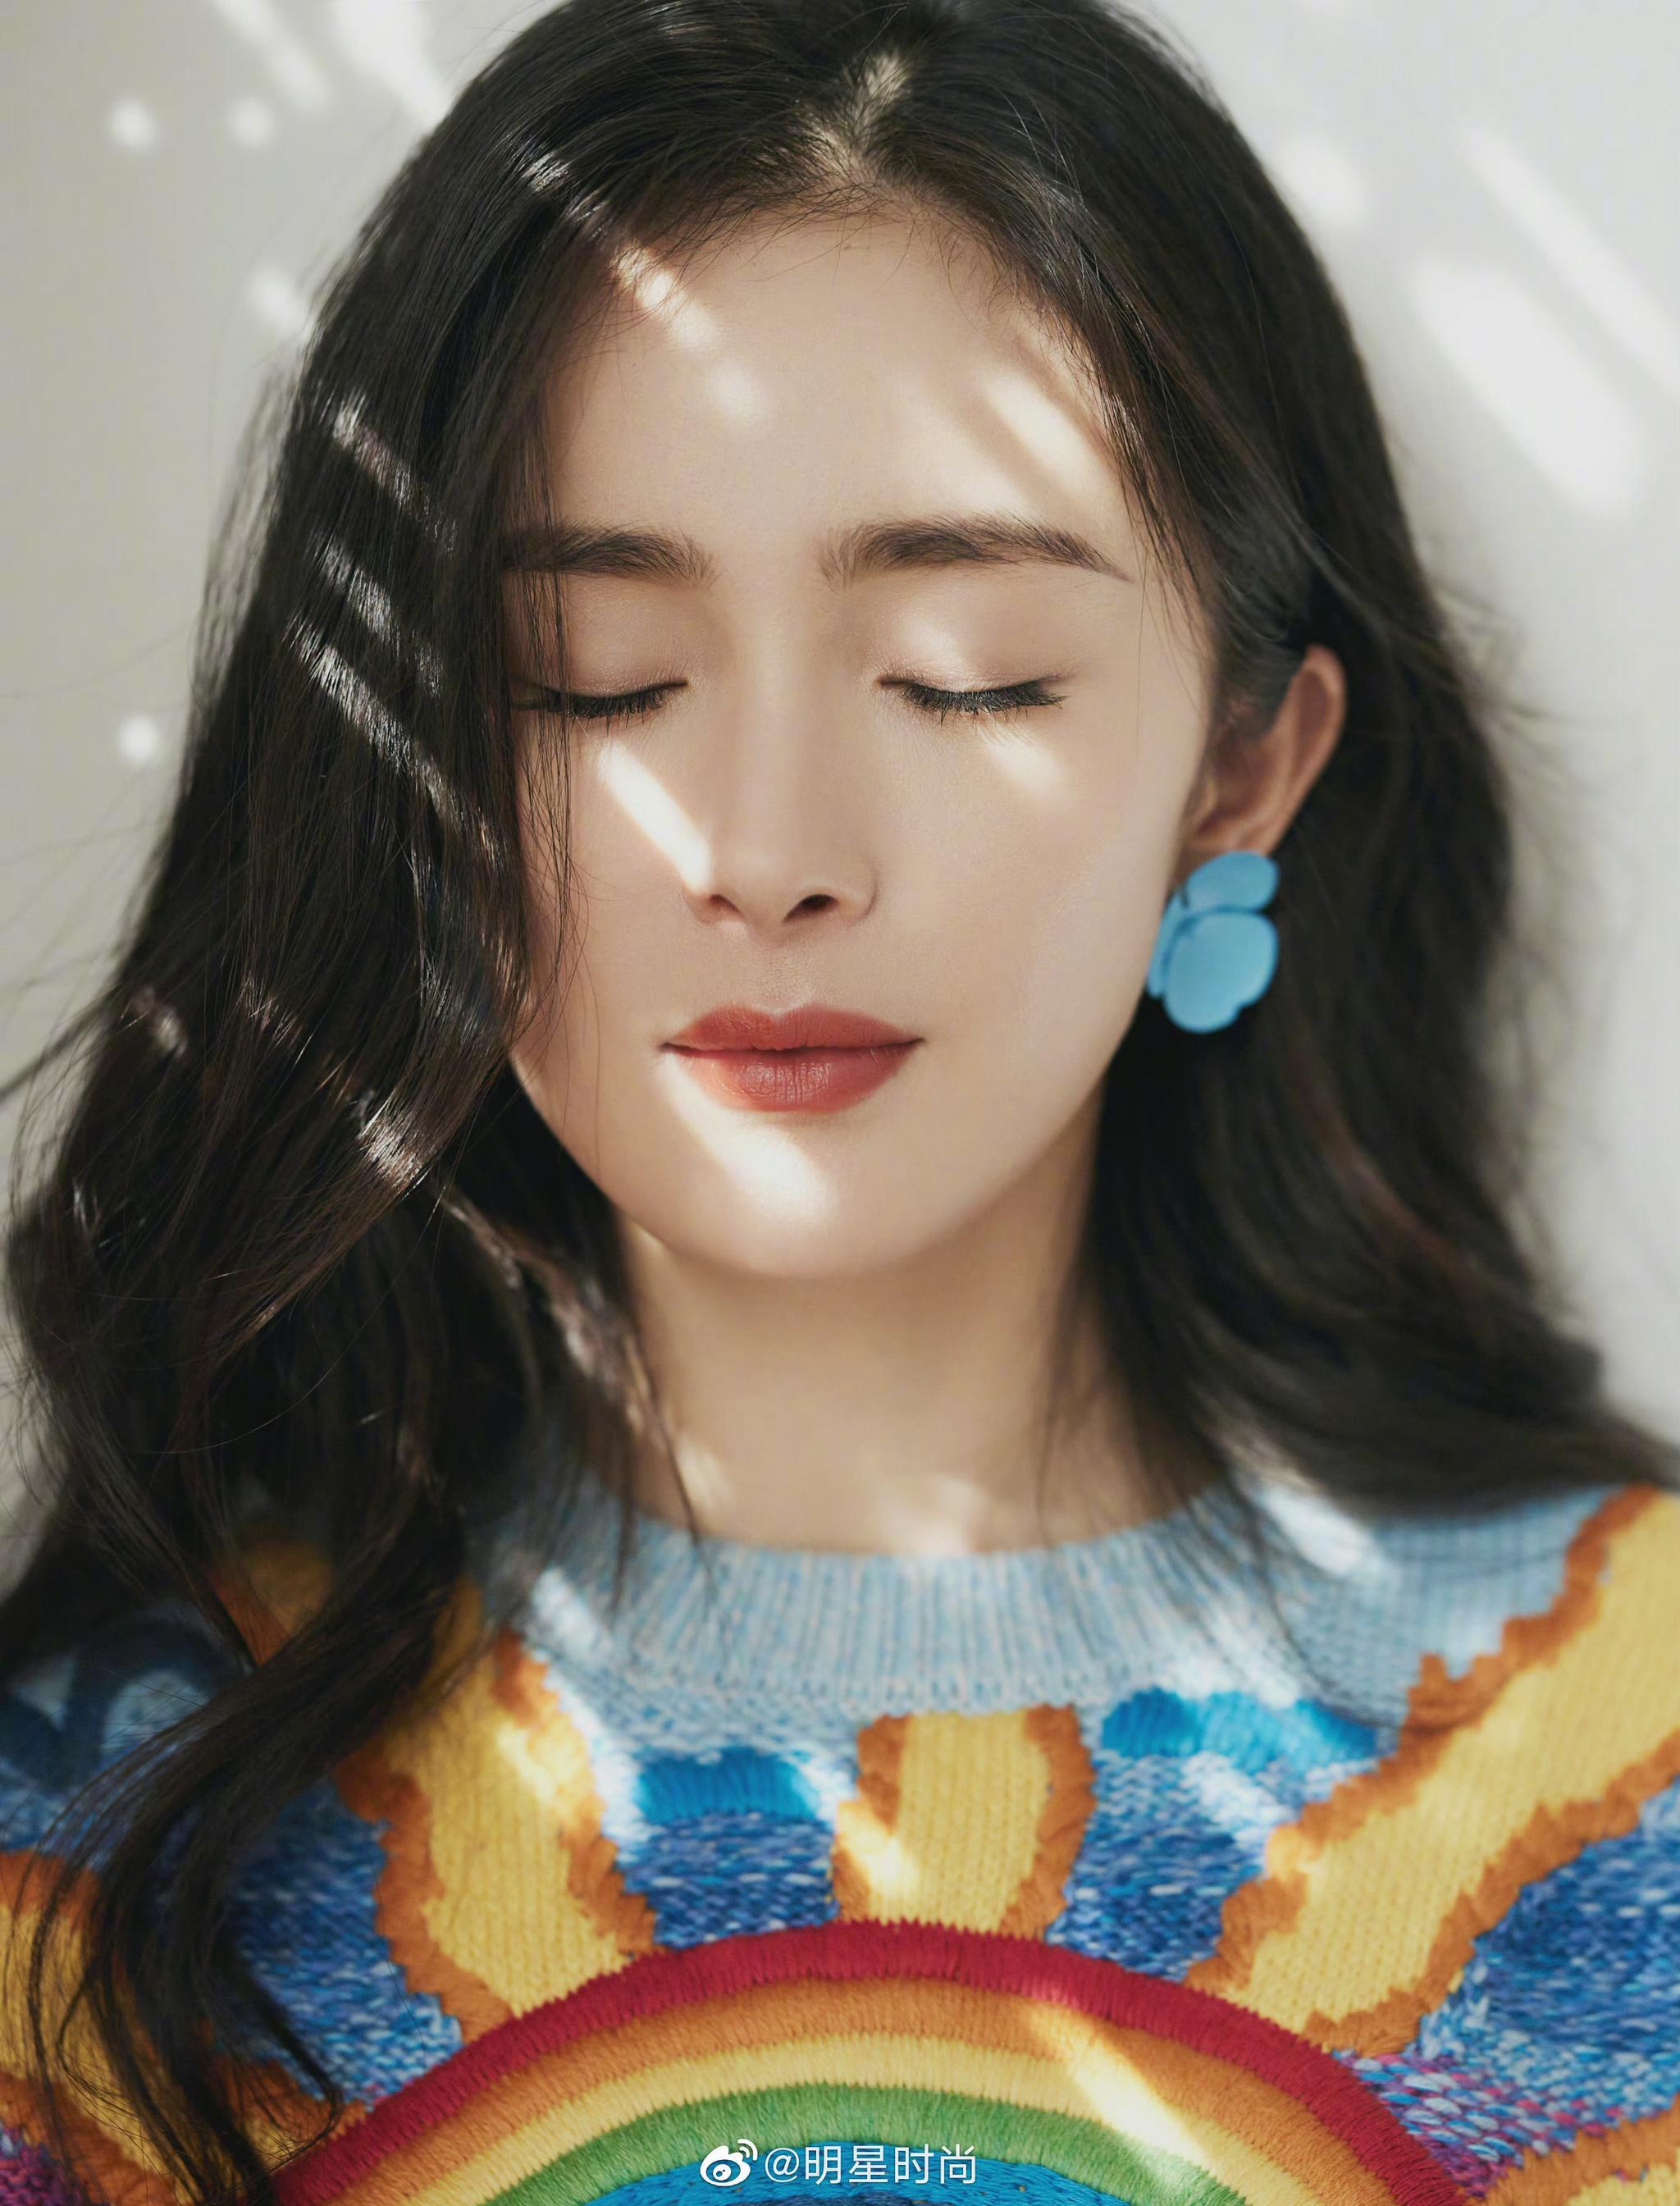 杨幂最新造型,她身着彩虹毛衣搭配蓝色短裙…………